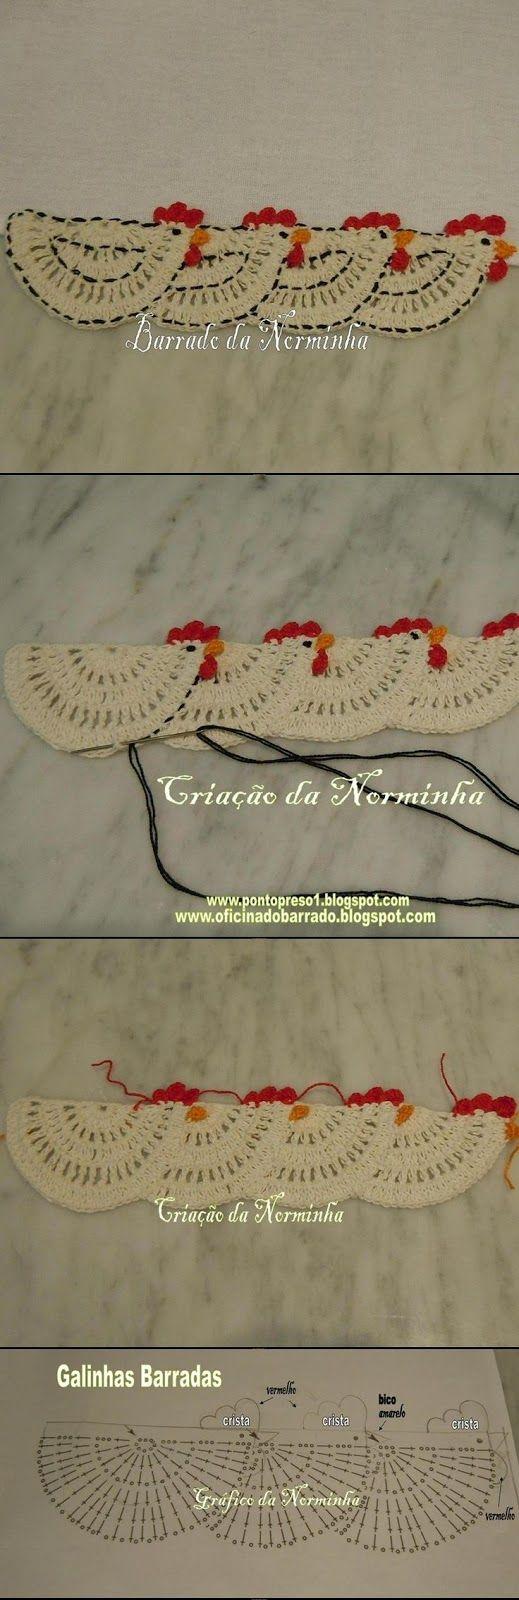 Luty Artes Crochet: Barrados de Galinha em crochê + Gráficos.